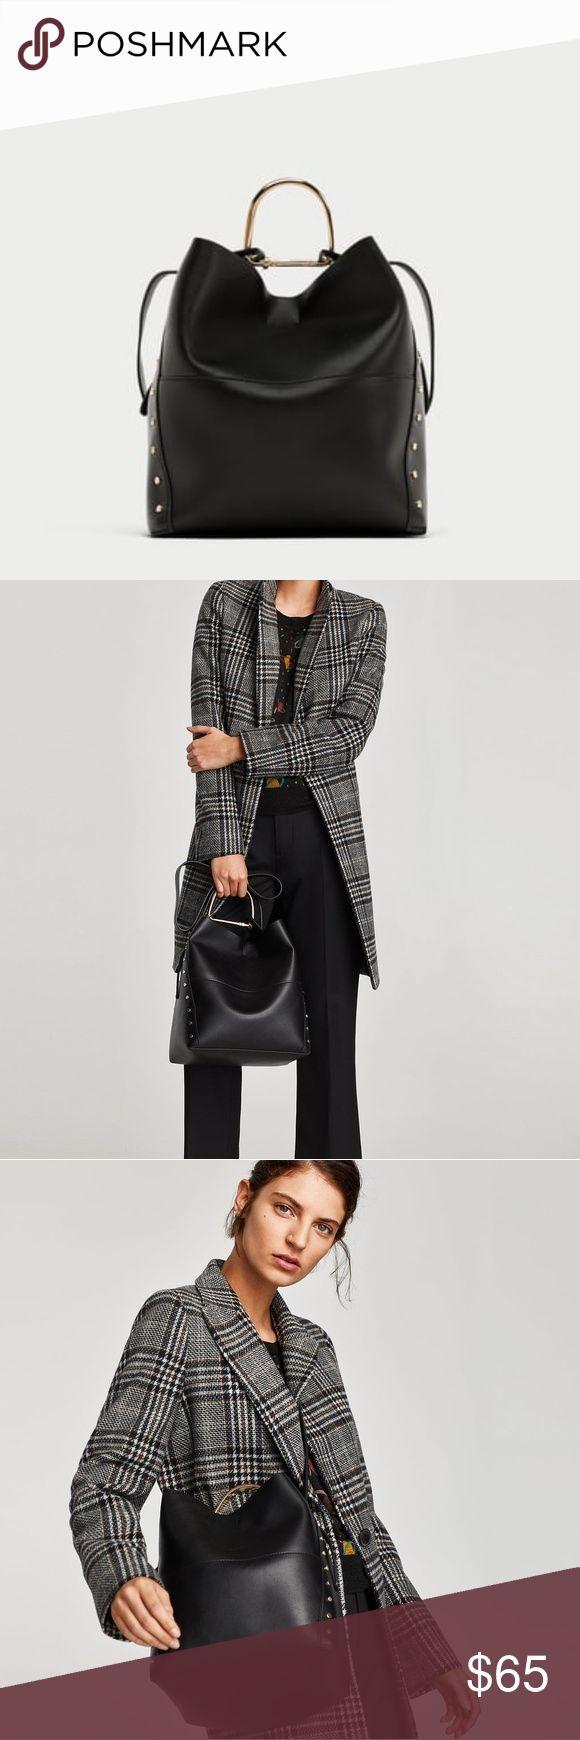 Zara bag Brand new Zara Bags